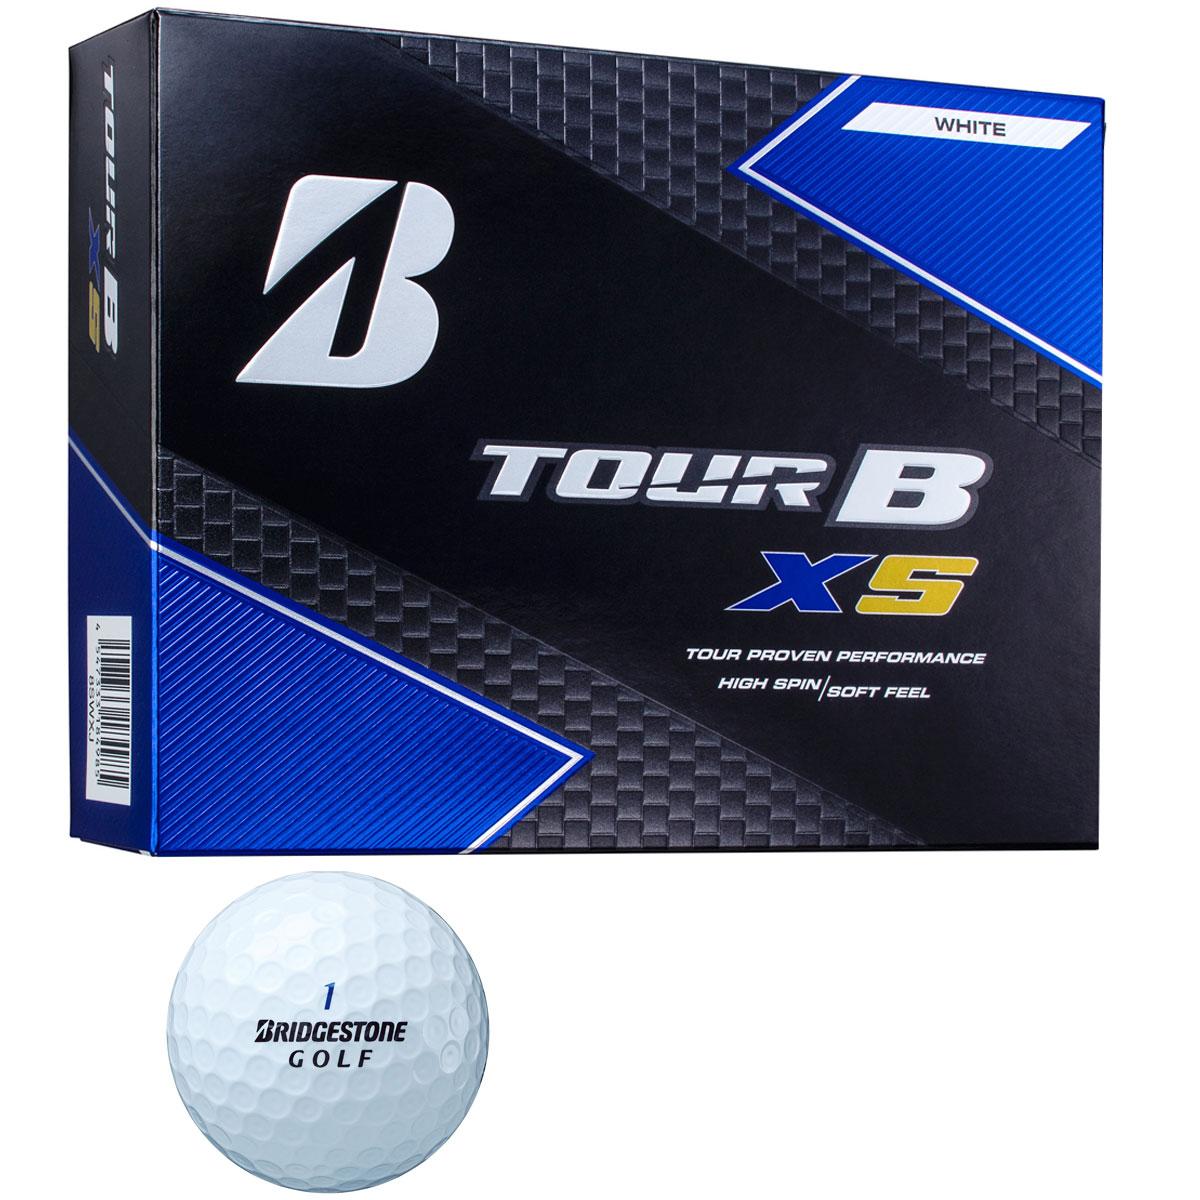 TOUR B XS BS GOLFロゴ ボール【オンネームサービス有り】